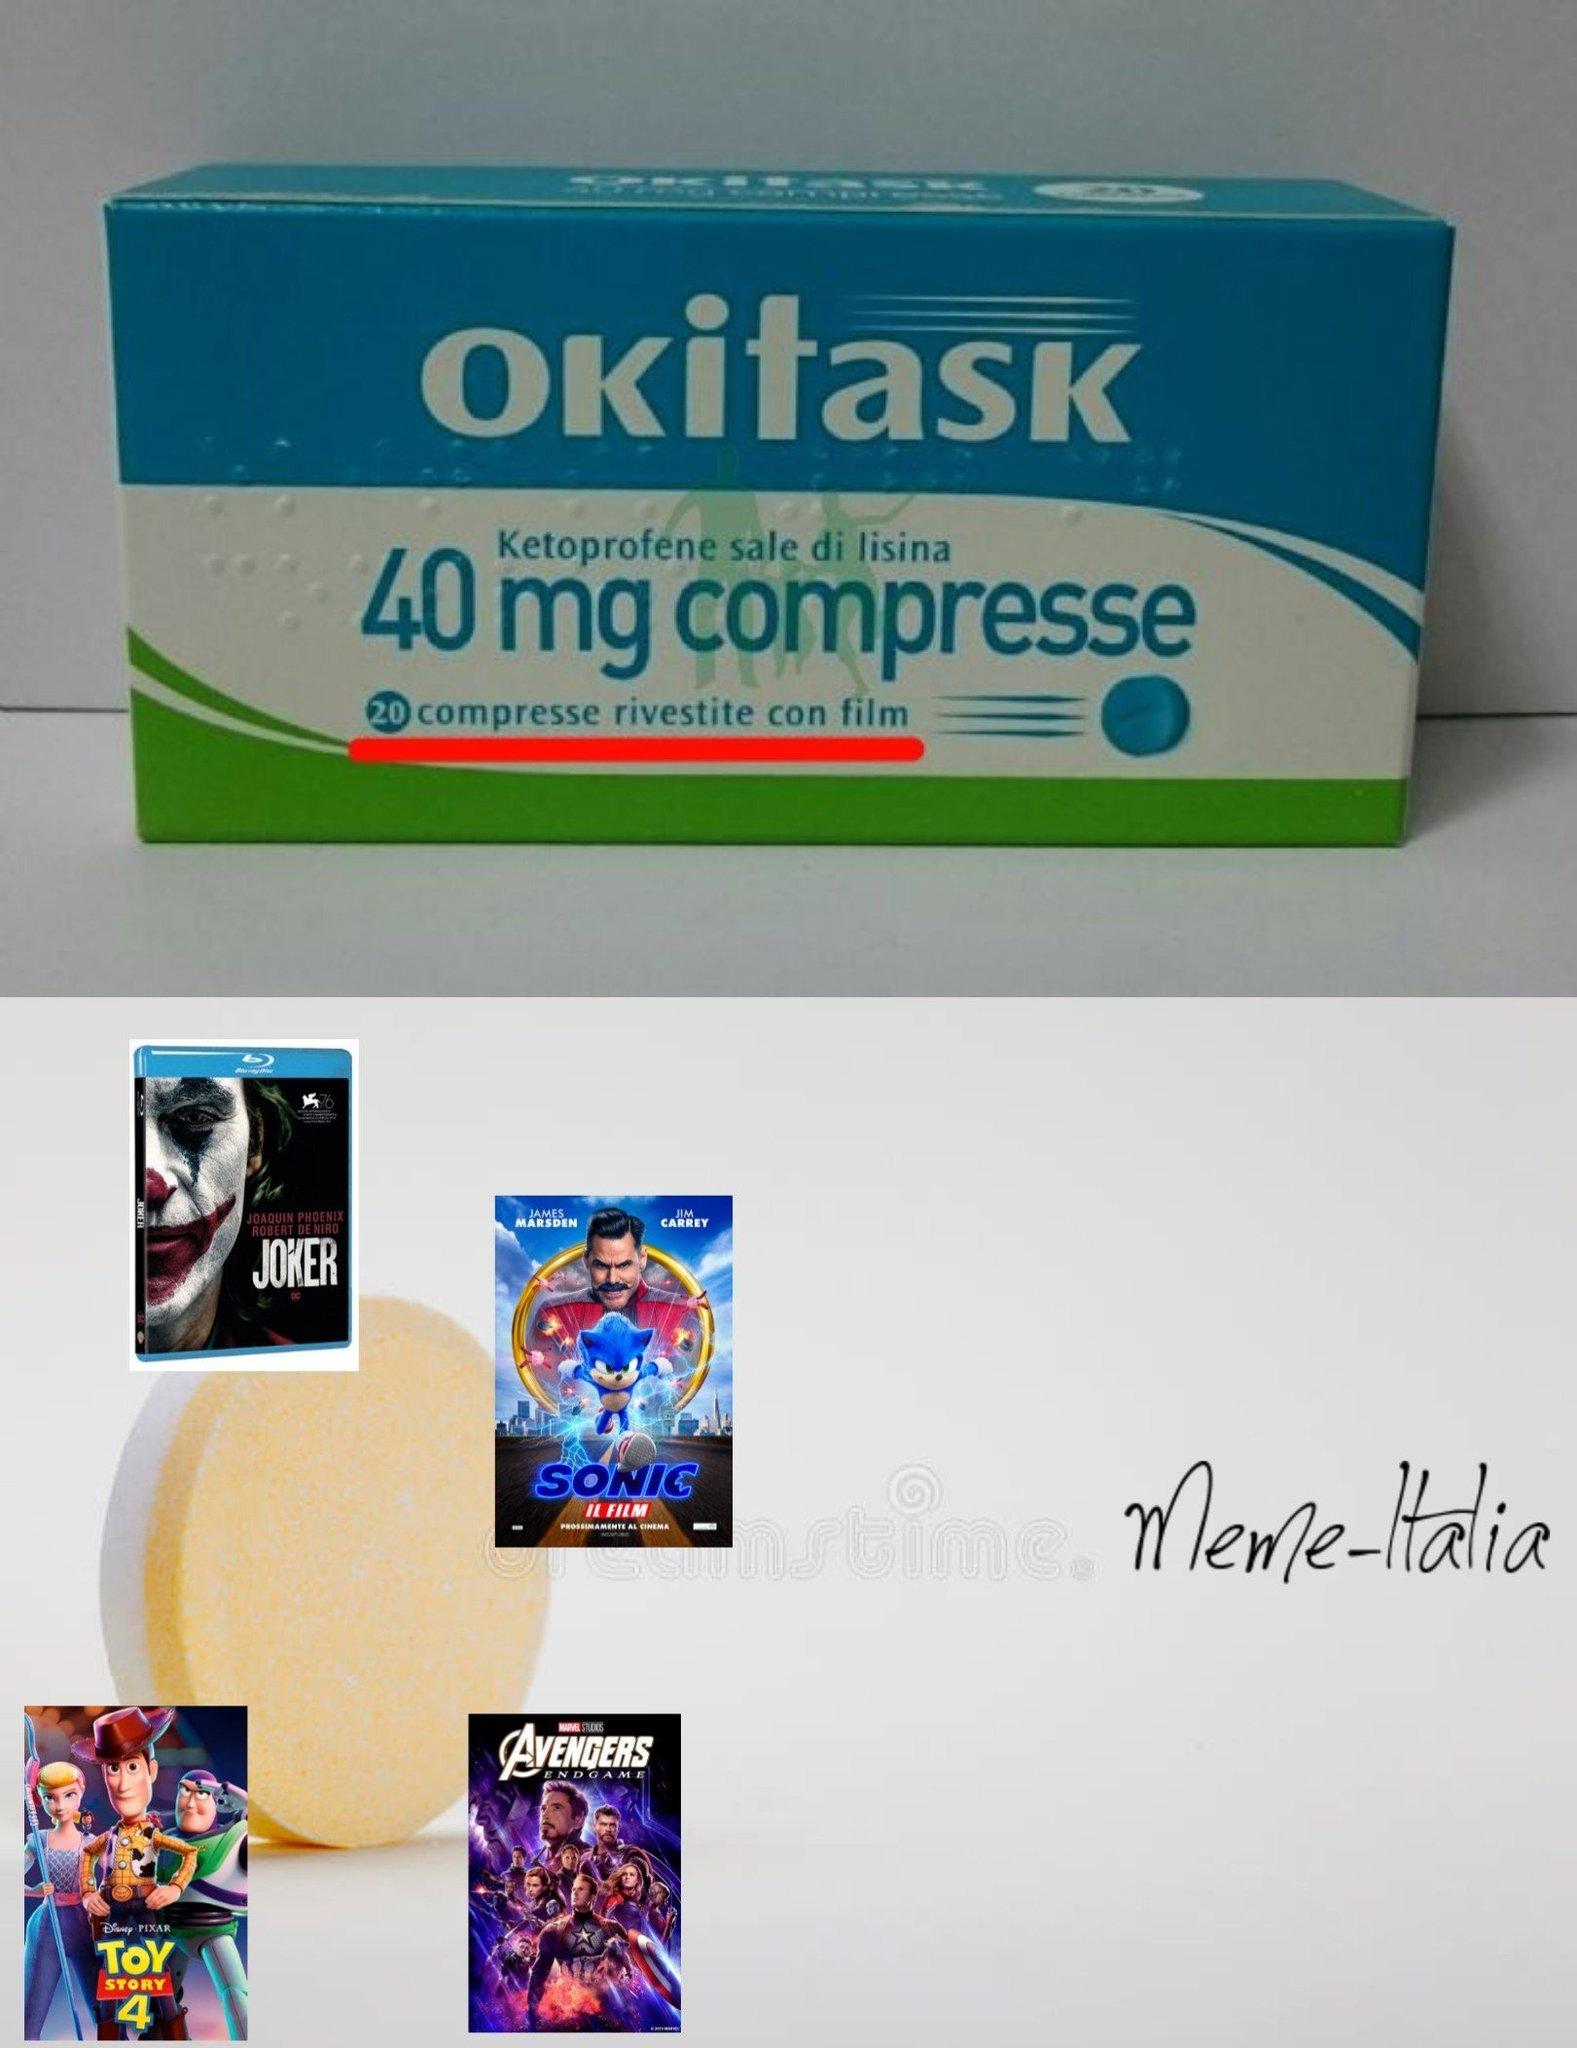 Sponsorizzato da Okitask - meme